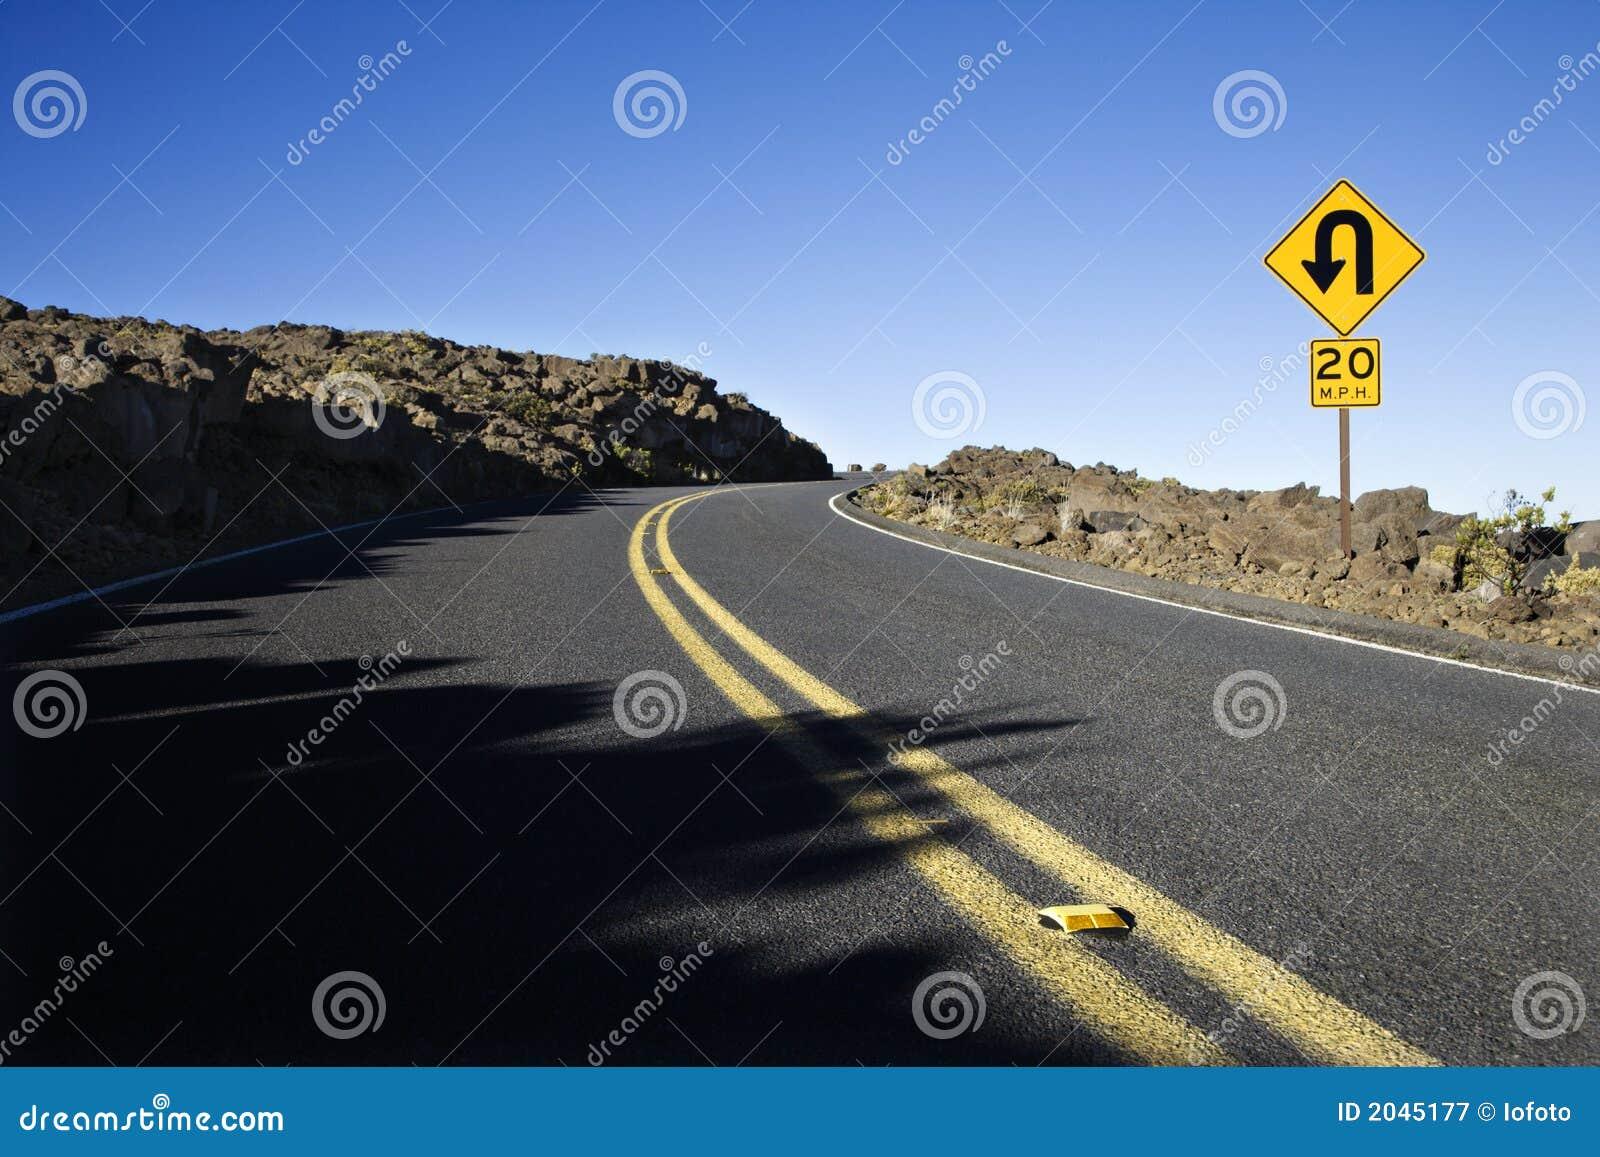 вдоль дорожного знака кривого